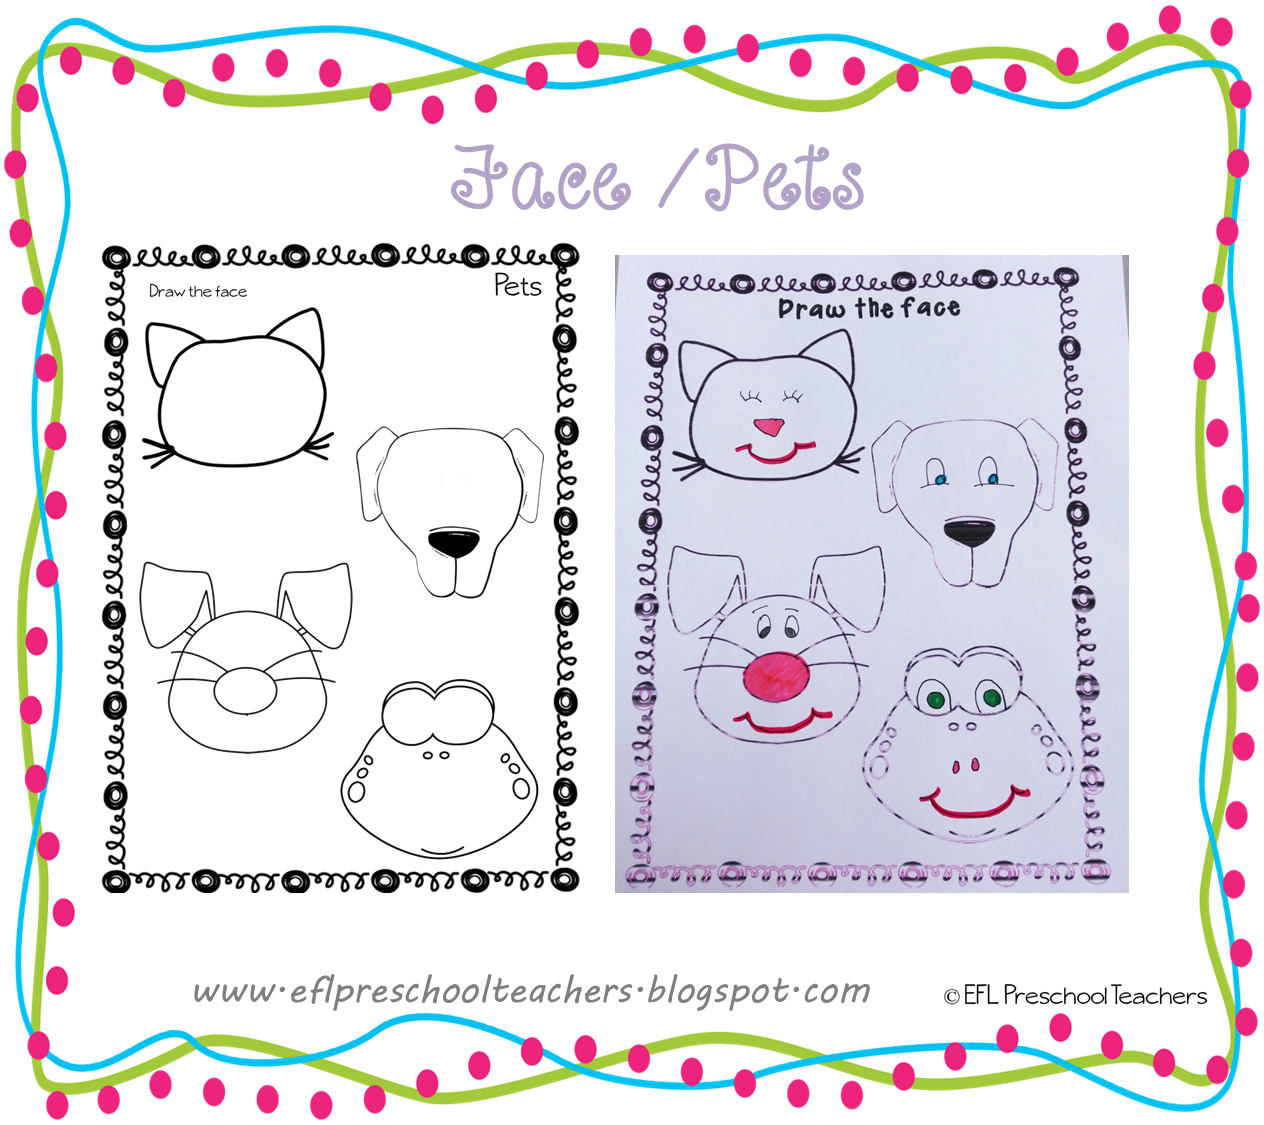 Esl Efl Preschool Teachers Face Teaching Materials For